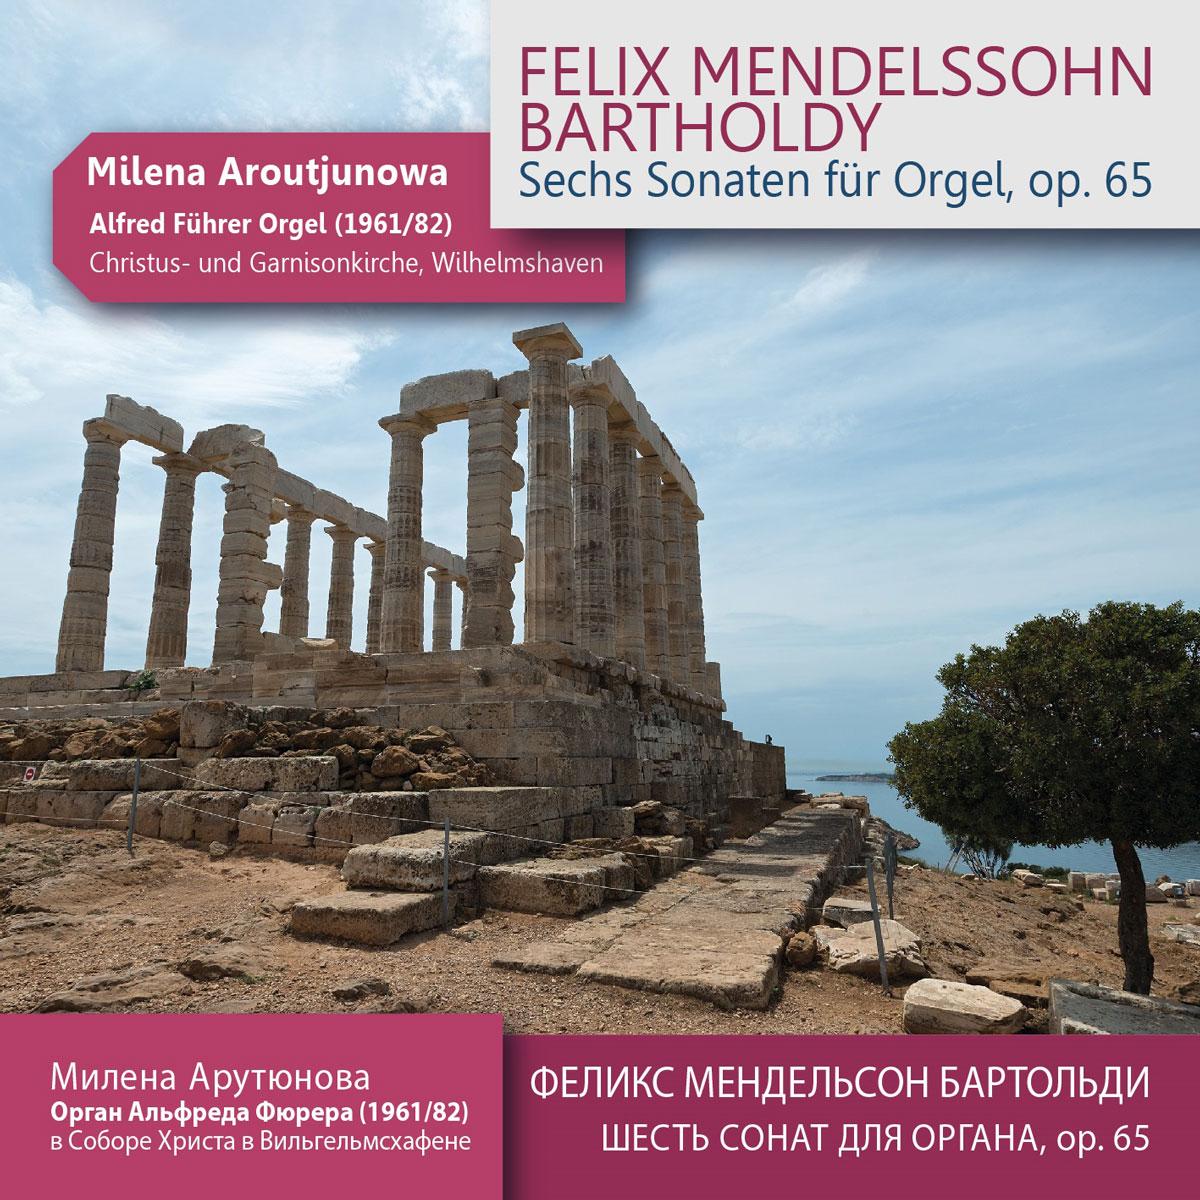 Milena Aroutjunowa. Felix Mendelssohn Bartholdy. Sechs Sonaten Fur Orgel, Op. 65 (2 CD) / Милена Арутюнова. Феликс Мендельсон Бартольди. Шесть сонат для органа, op. 65